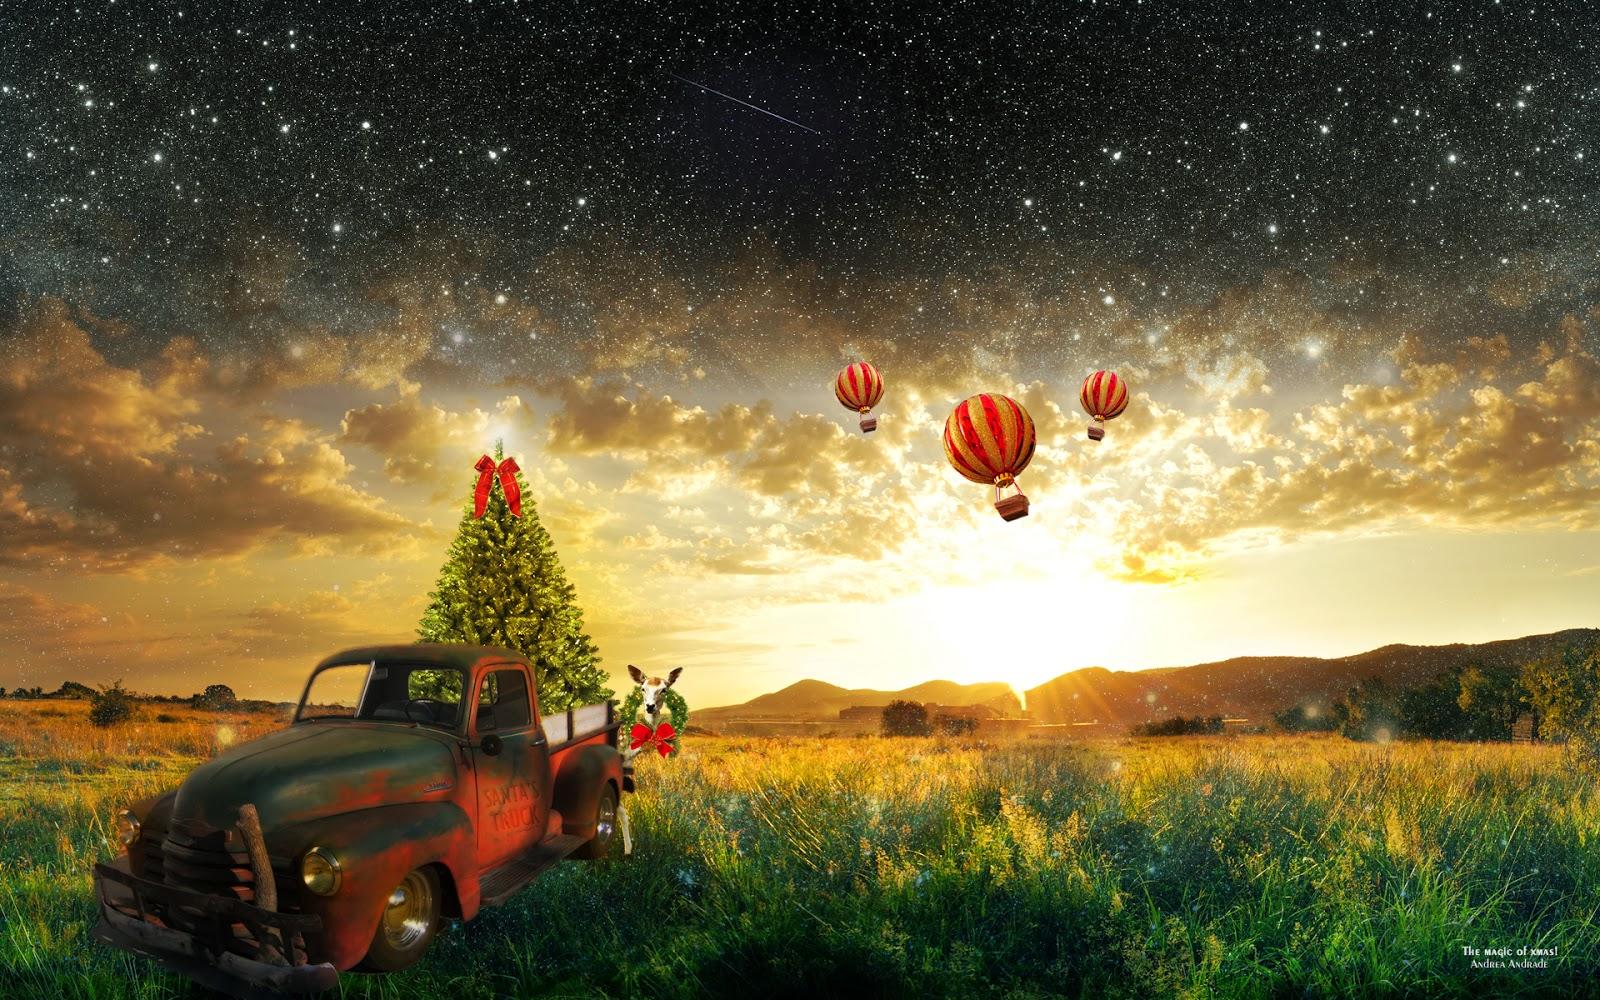 """<img src=""""http://4.bp.blogspot.com/-aPj3eL_hEJ4/UuJOjD3SSlI/AAAAAAAAKBY/APQvprZg6hU/s1600/christmas-magic-wallpaper.jpg"""" alt=""""chrismas magic wallpaper"""" />"""